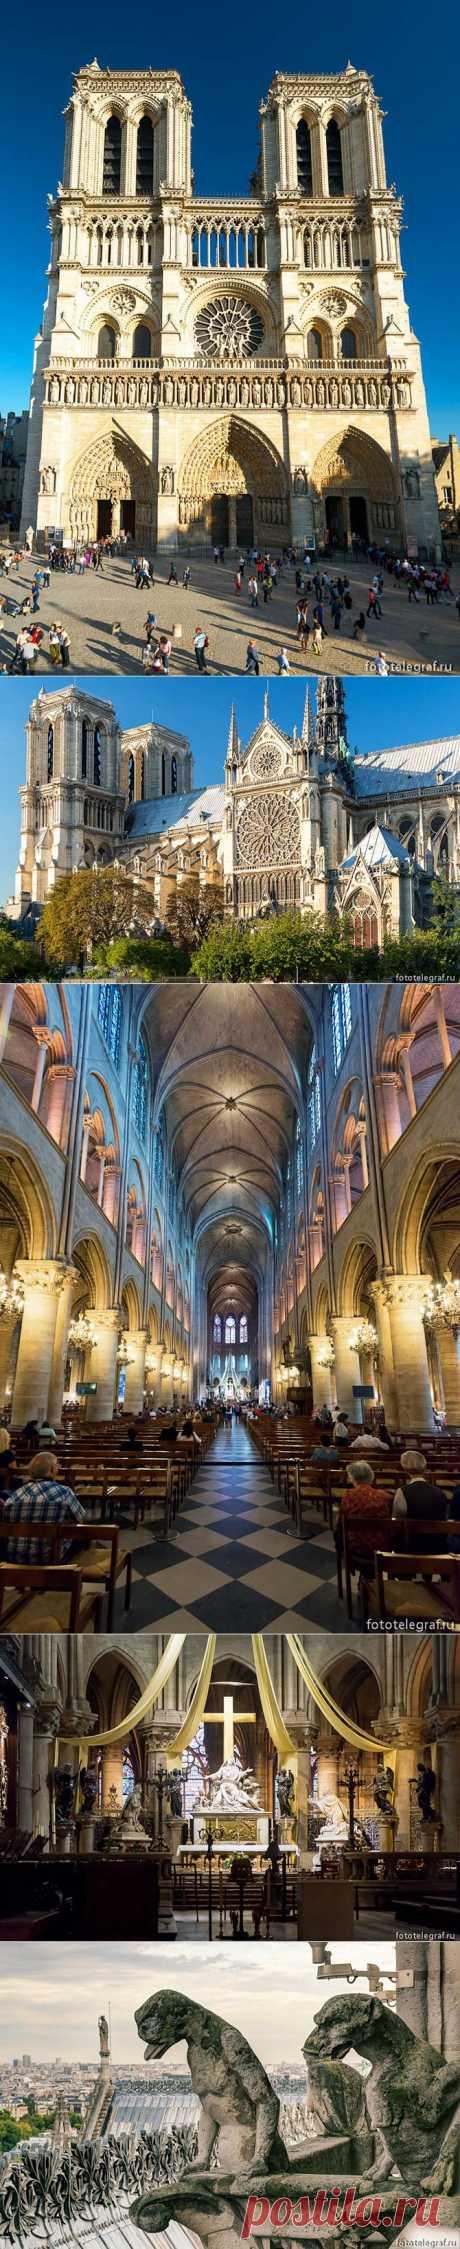 Экскурсия по собору Парижской Богоматери | ПолонСил.ру - социальная сеть здоровья